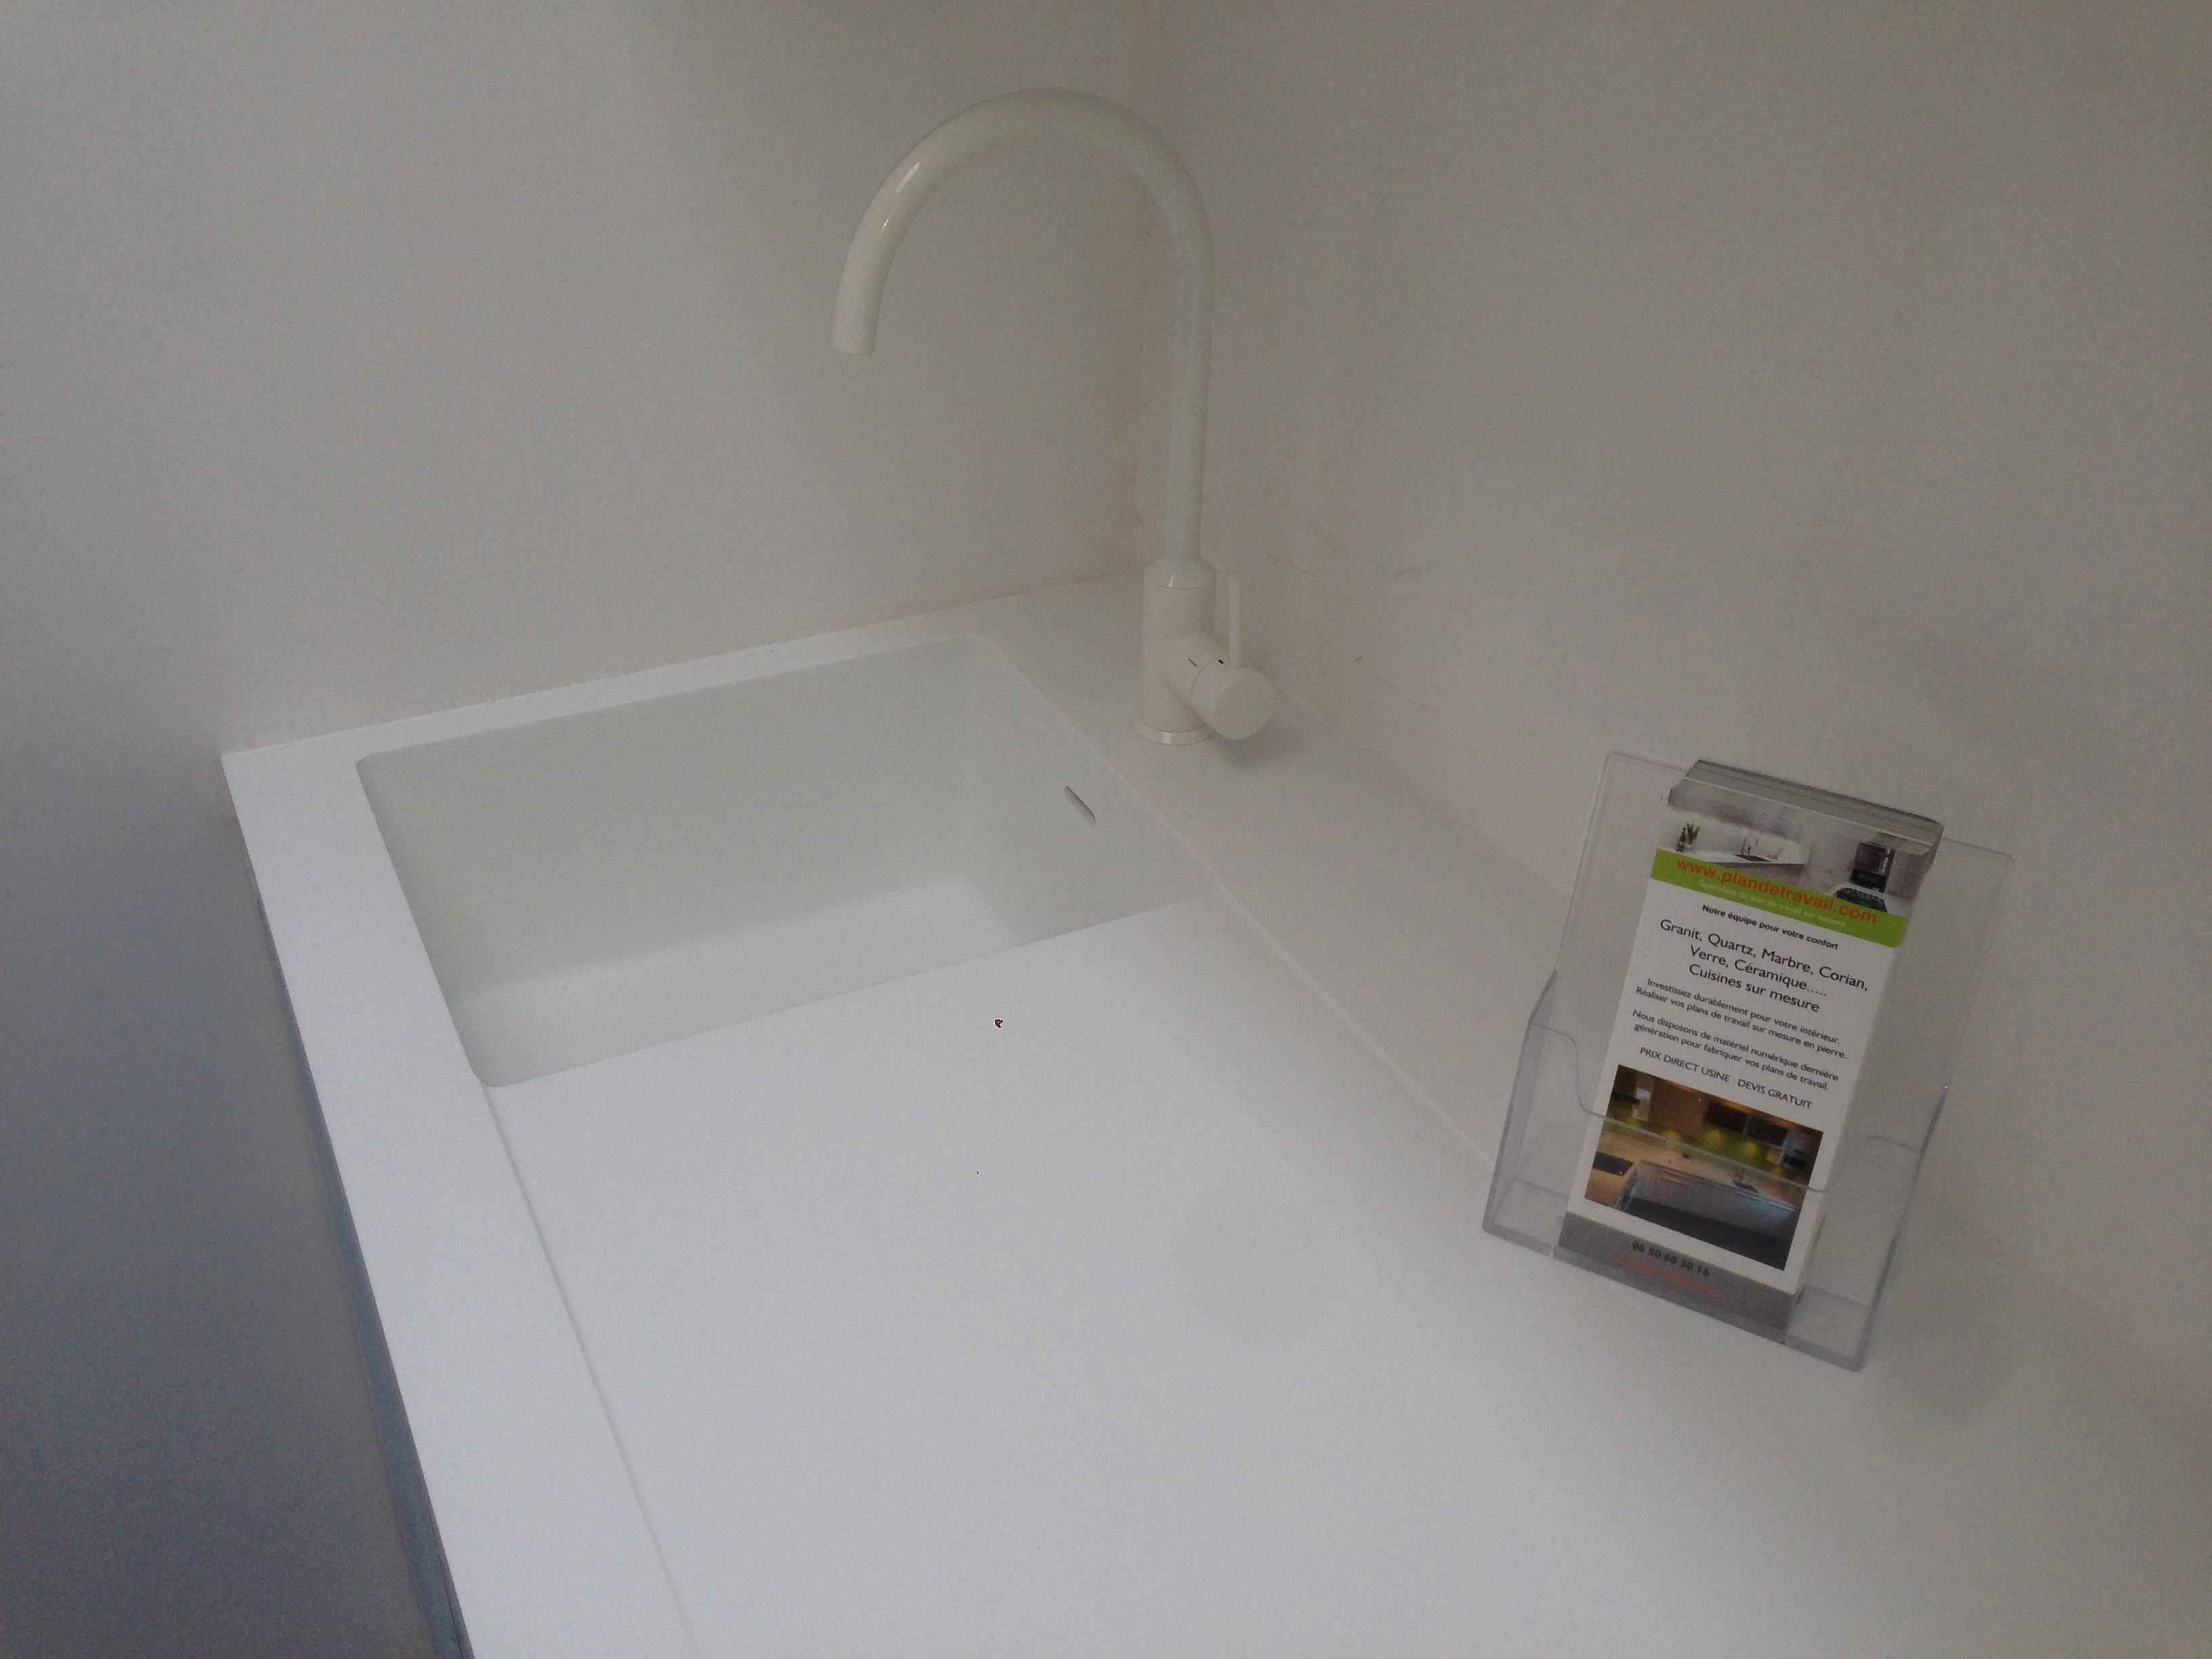 plan de travail granit quartz table en mabre paris essonne evier corian paris. Black Bedroom Furniture Sets. Home Design Ideas